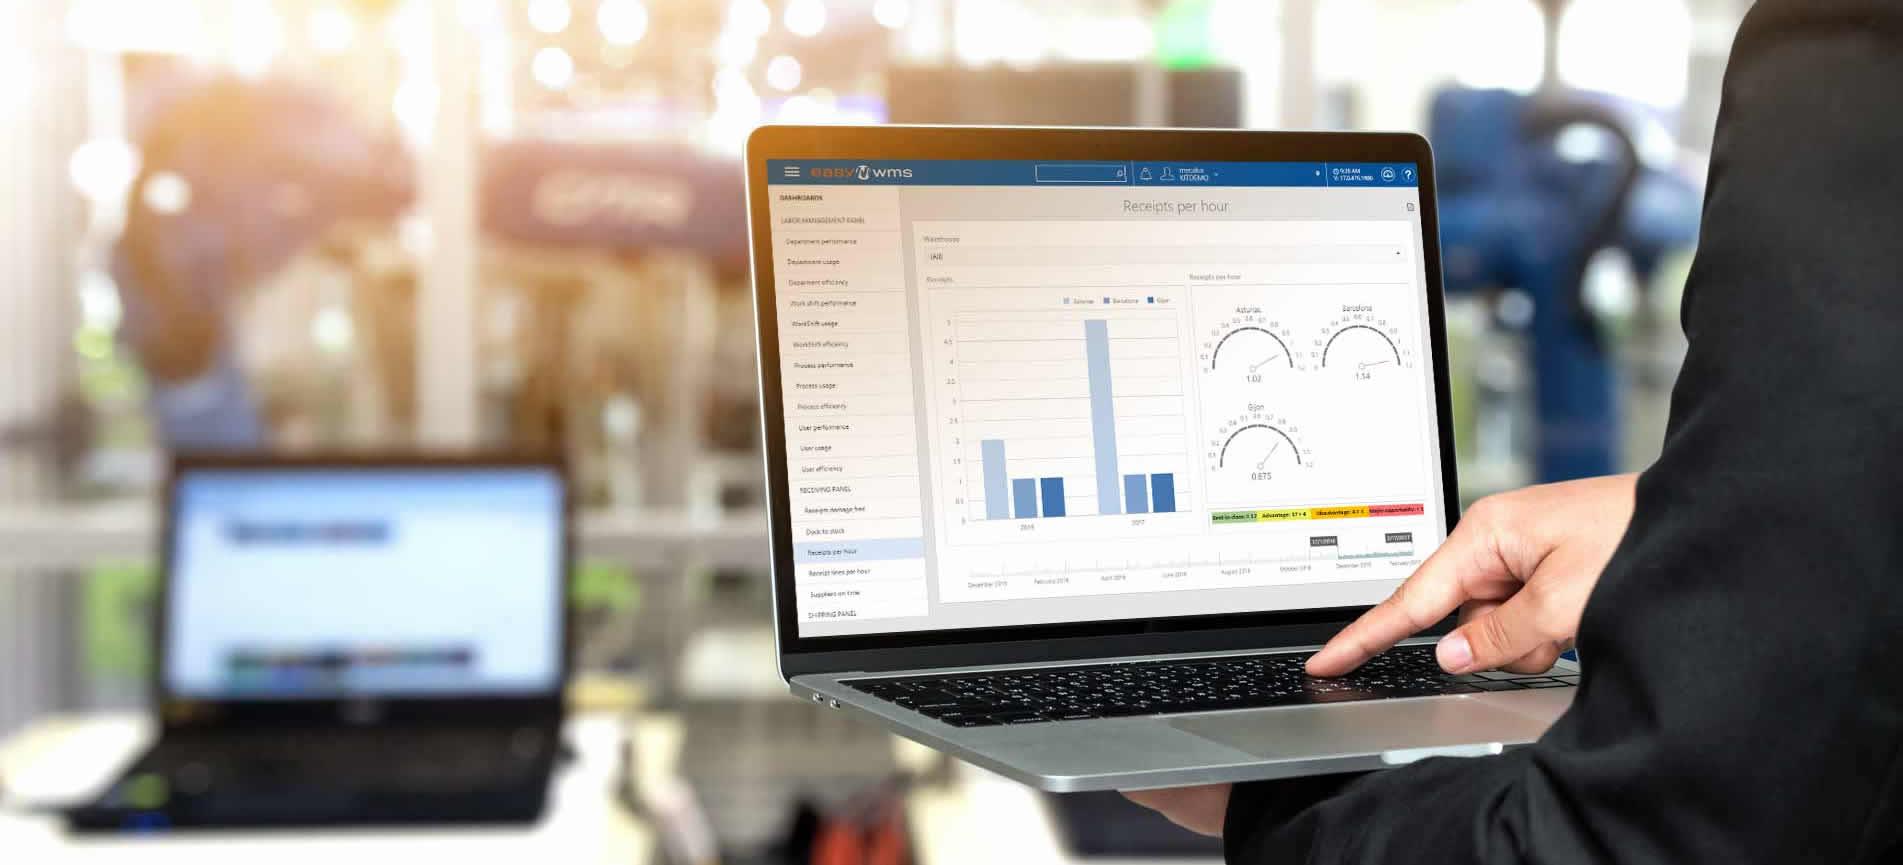 Bulut Tabanlı Depo Yönetim Sistemi ile Şirketinizin Etkinliğini Artırın!